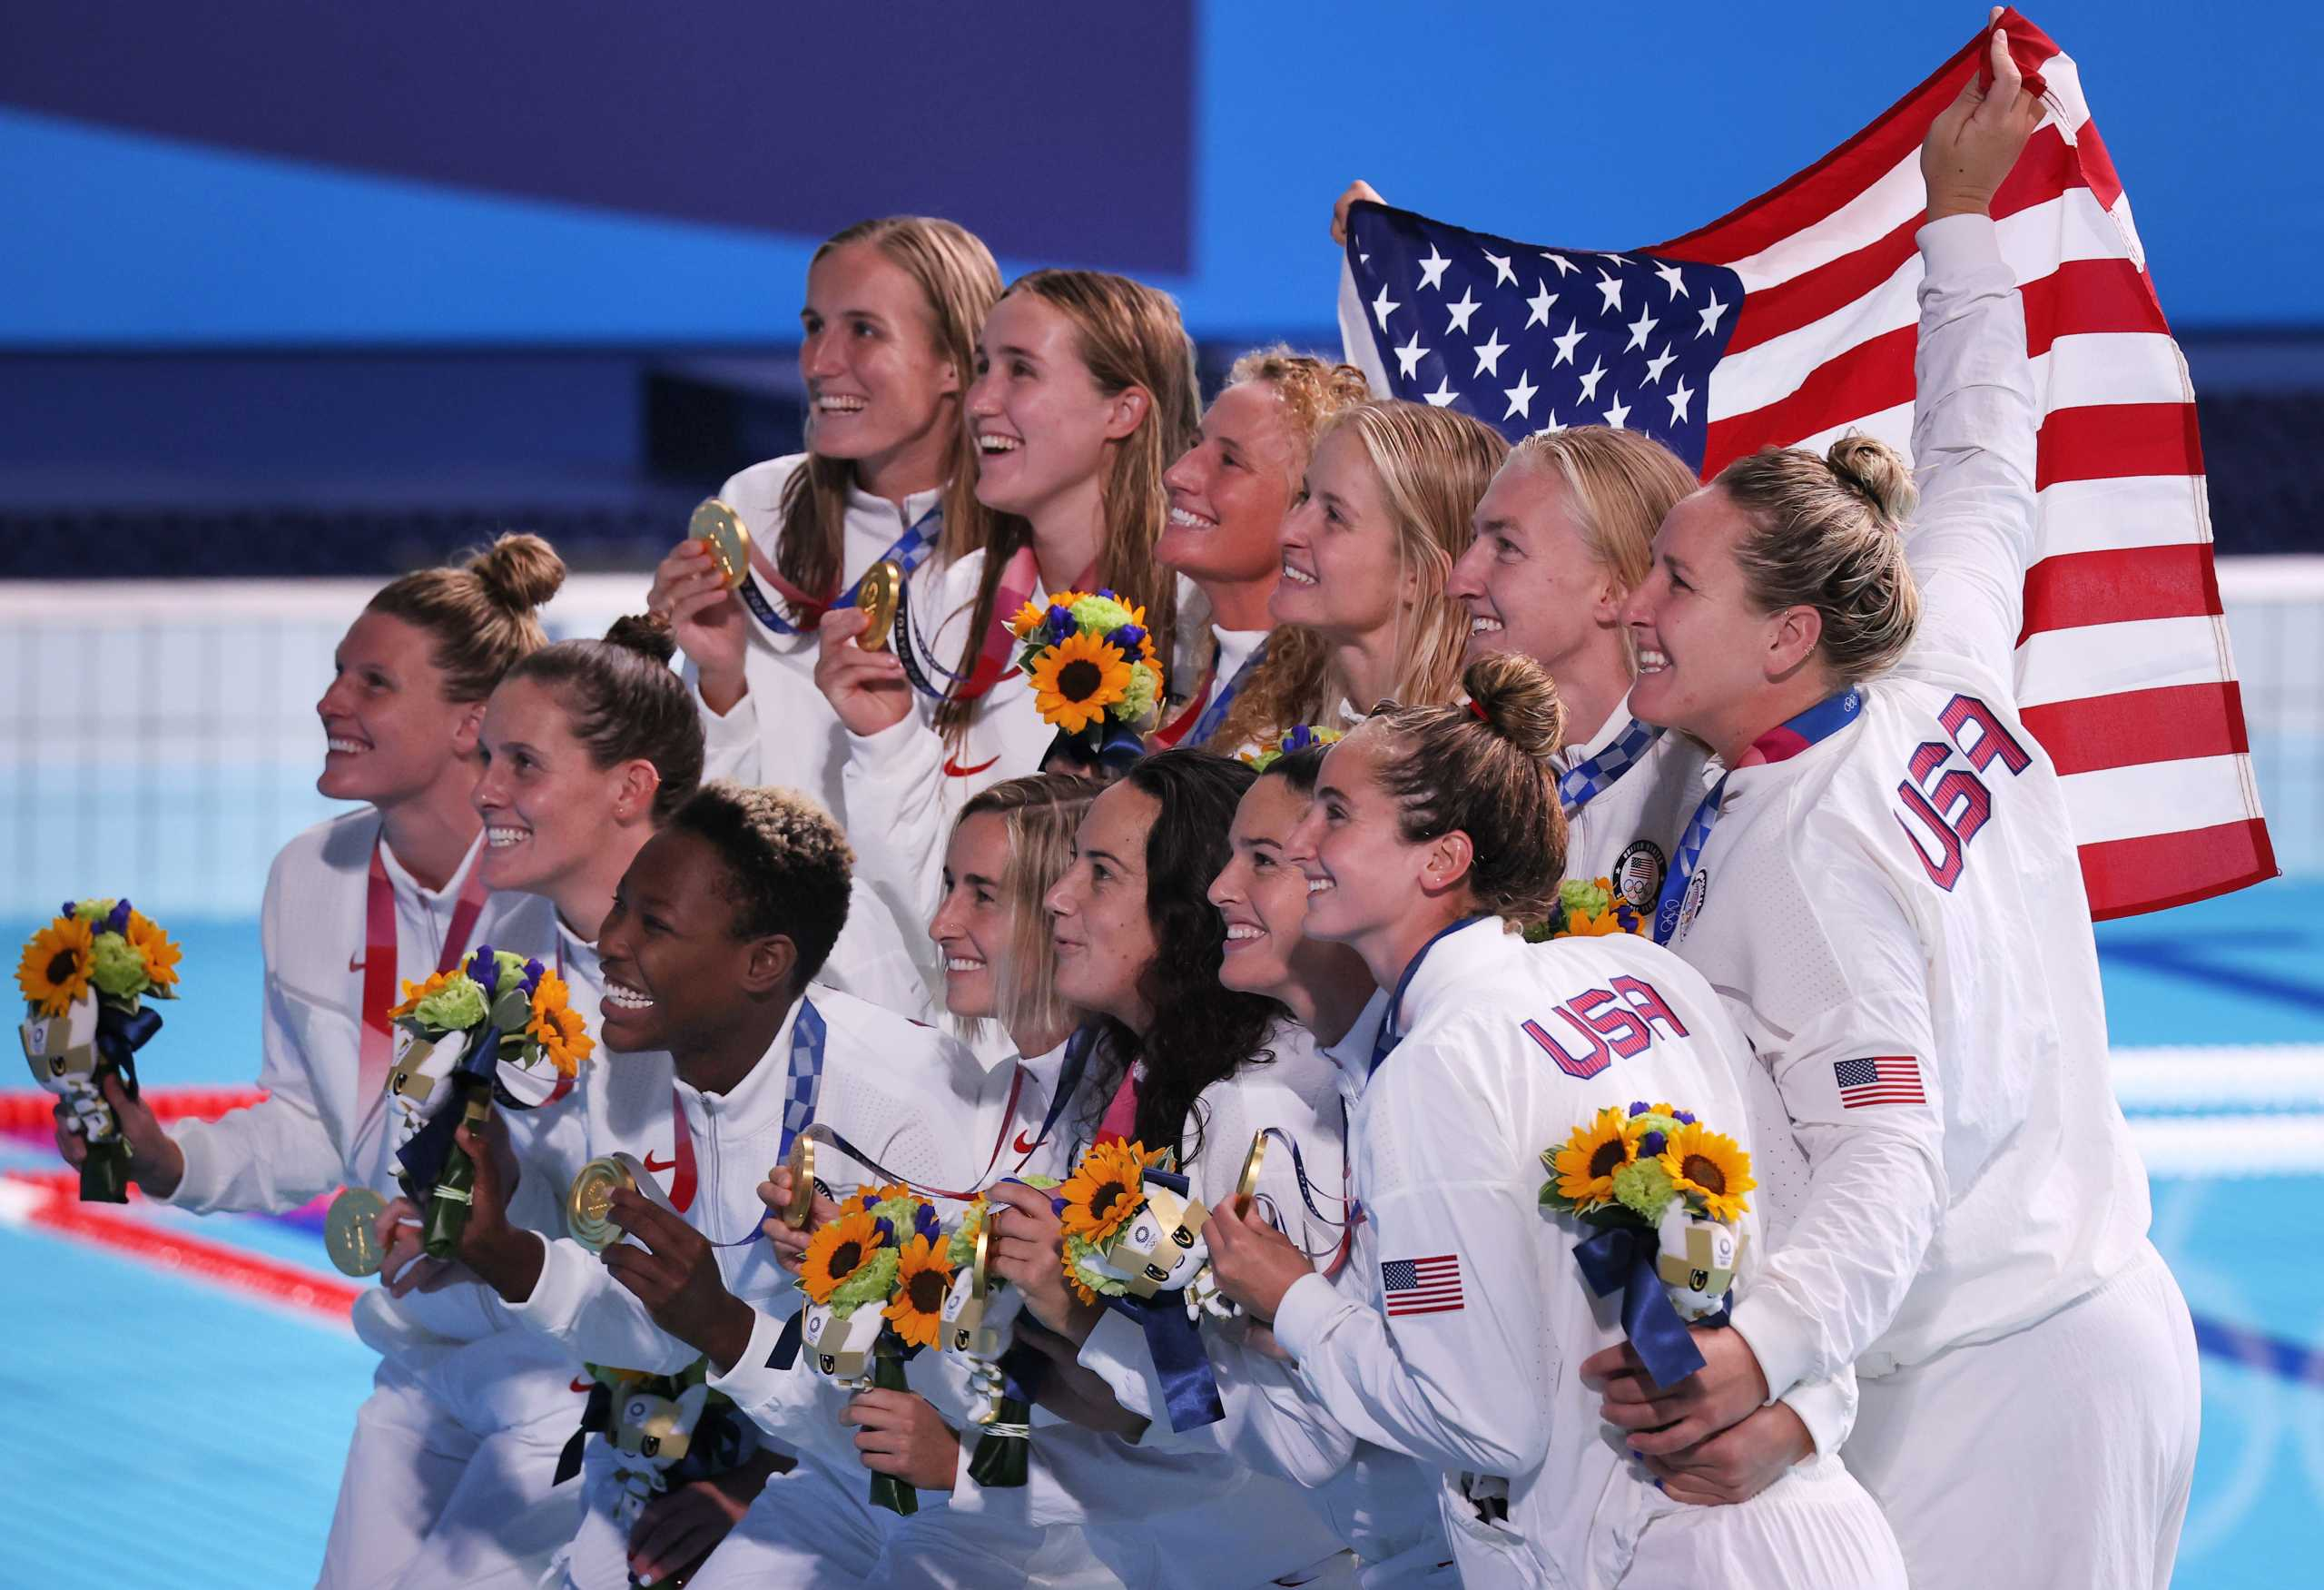 Ολυμπιακοί Αγώνες: Τρίτο σερί χρυσό μετάλλιο οι ΗΠΑ στο γυναικείο πόλο με επίδειξη δύναμης